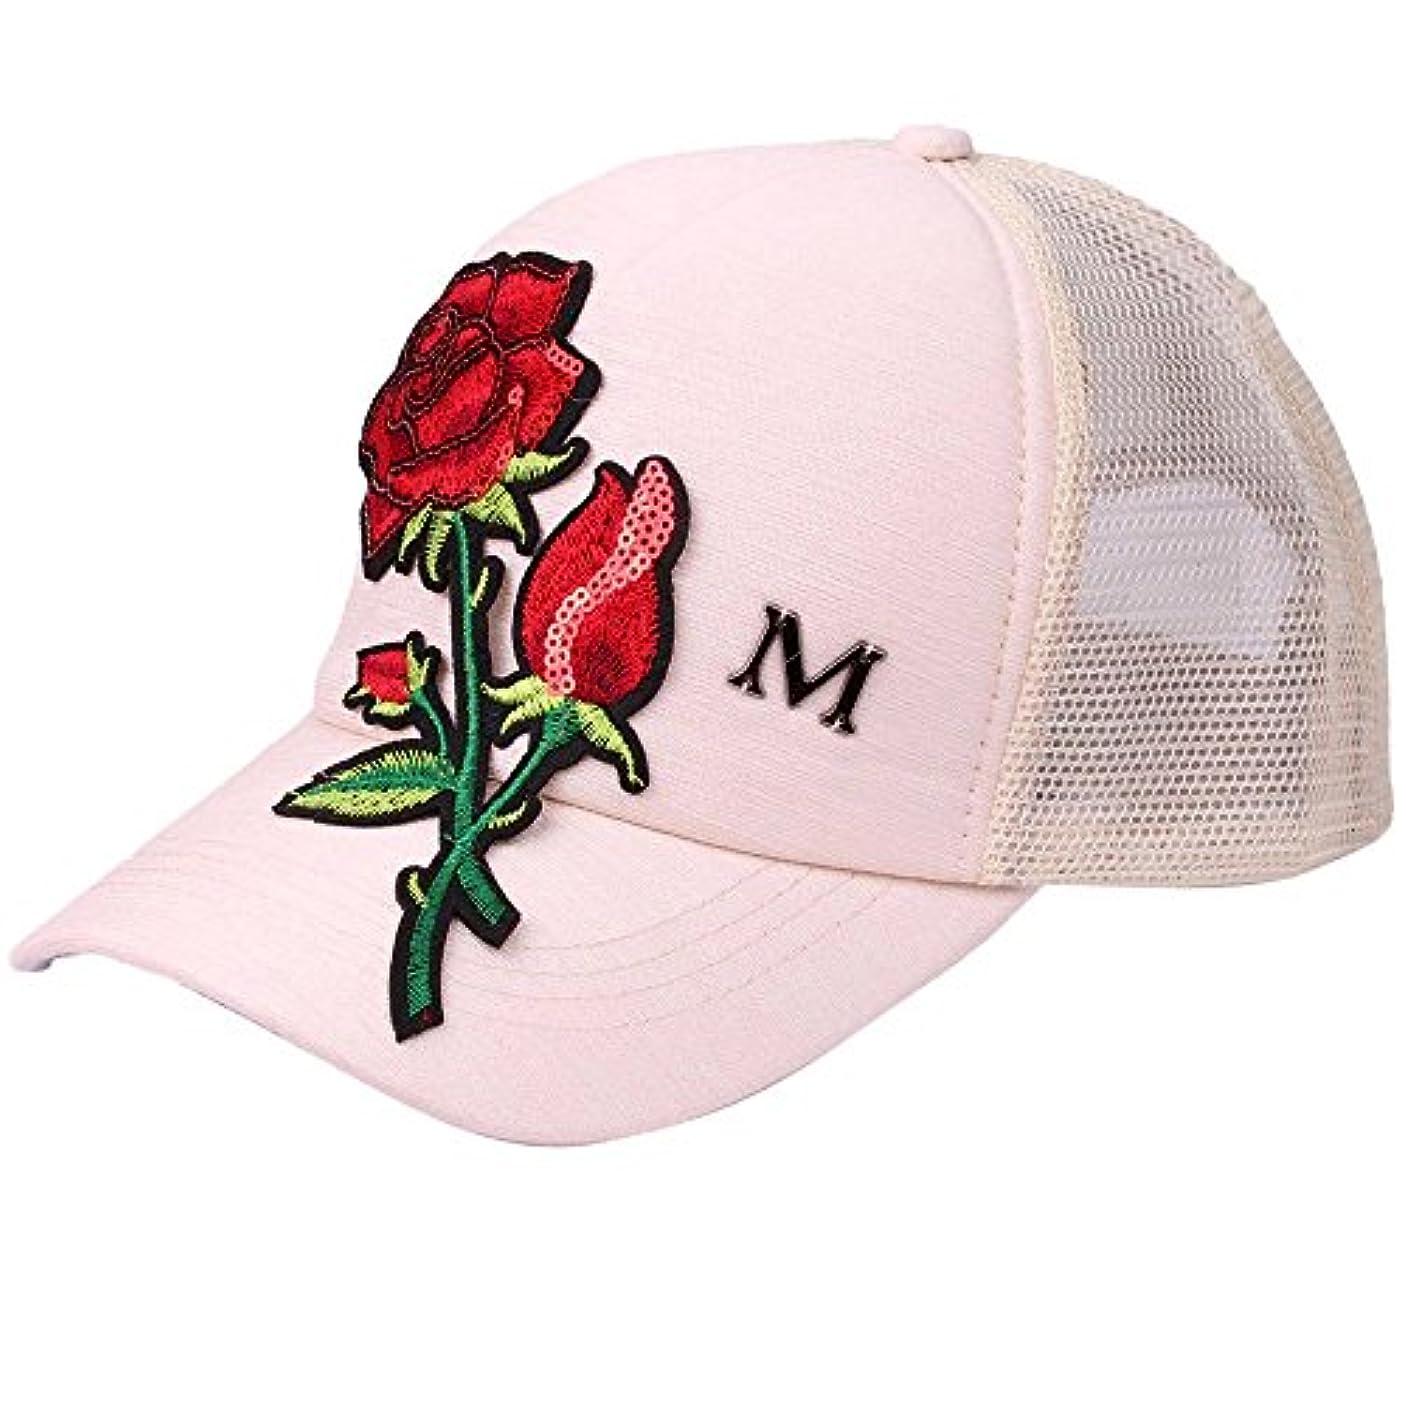 中止します一般傾向Racazing Cap ローズ 刺繍 ヒップホップ 野球帽 通気性のある 帽子 夏 登山 メッシュ 可調整可能 棒球帽 UV 帽子 軽量 屋外 Unisex Hat (ベージュ)